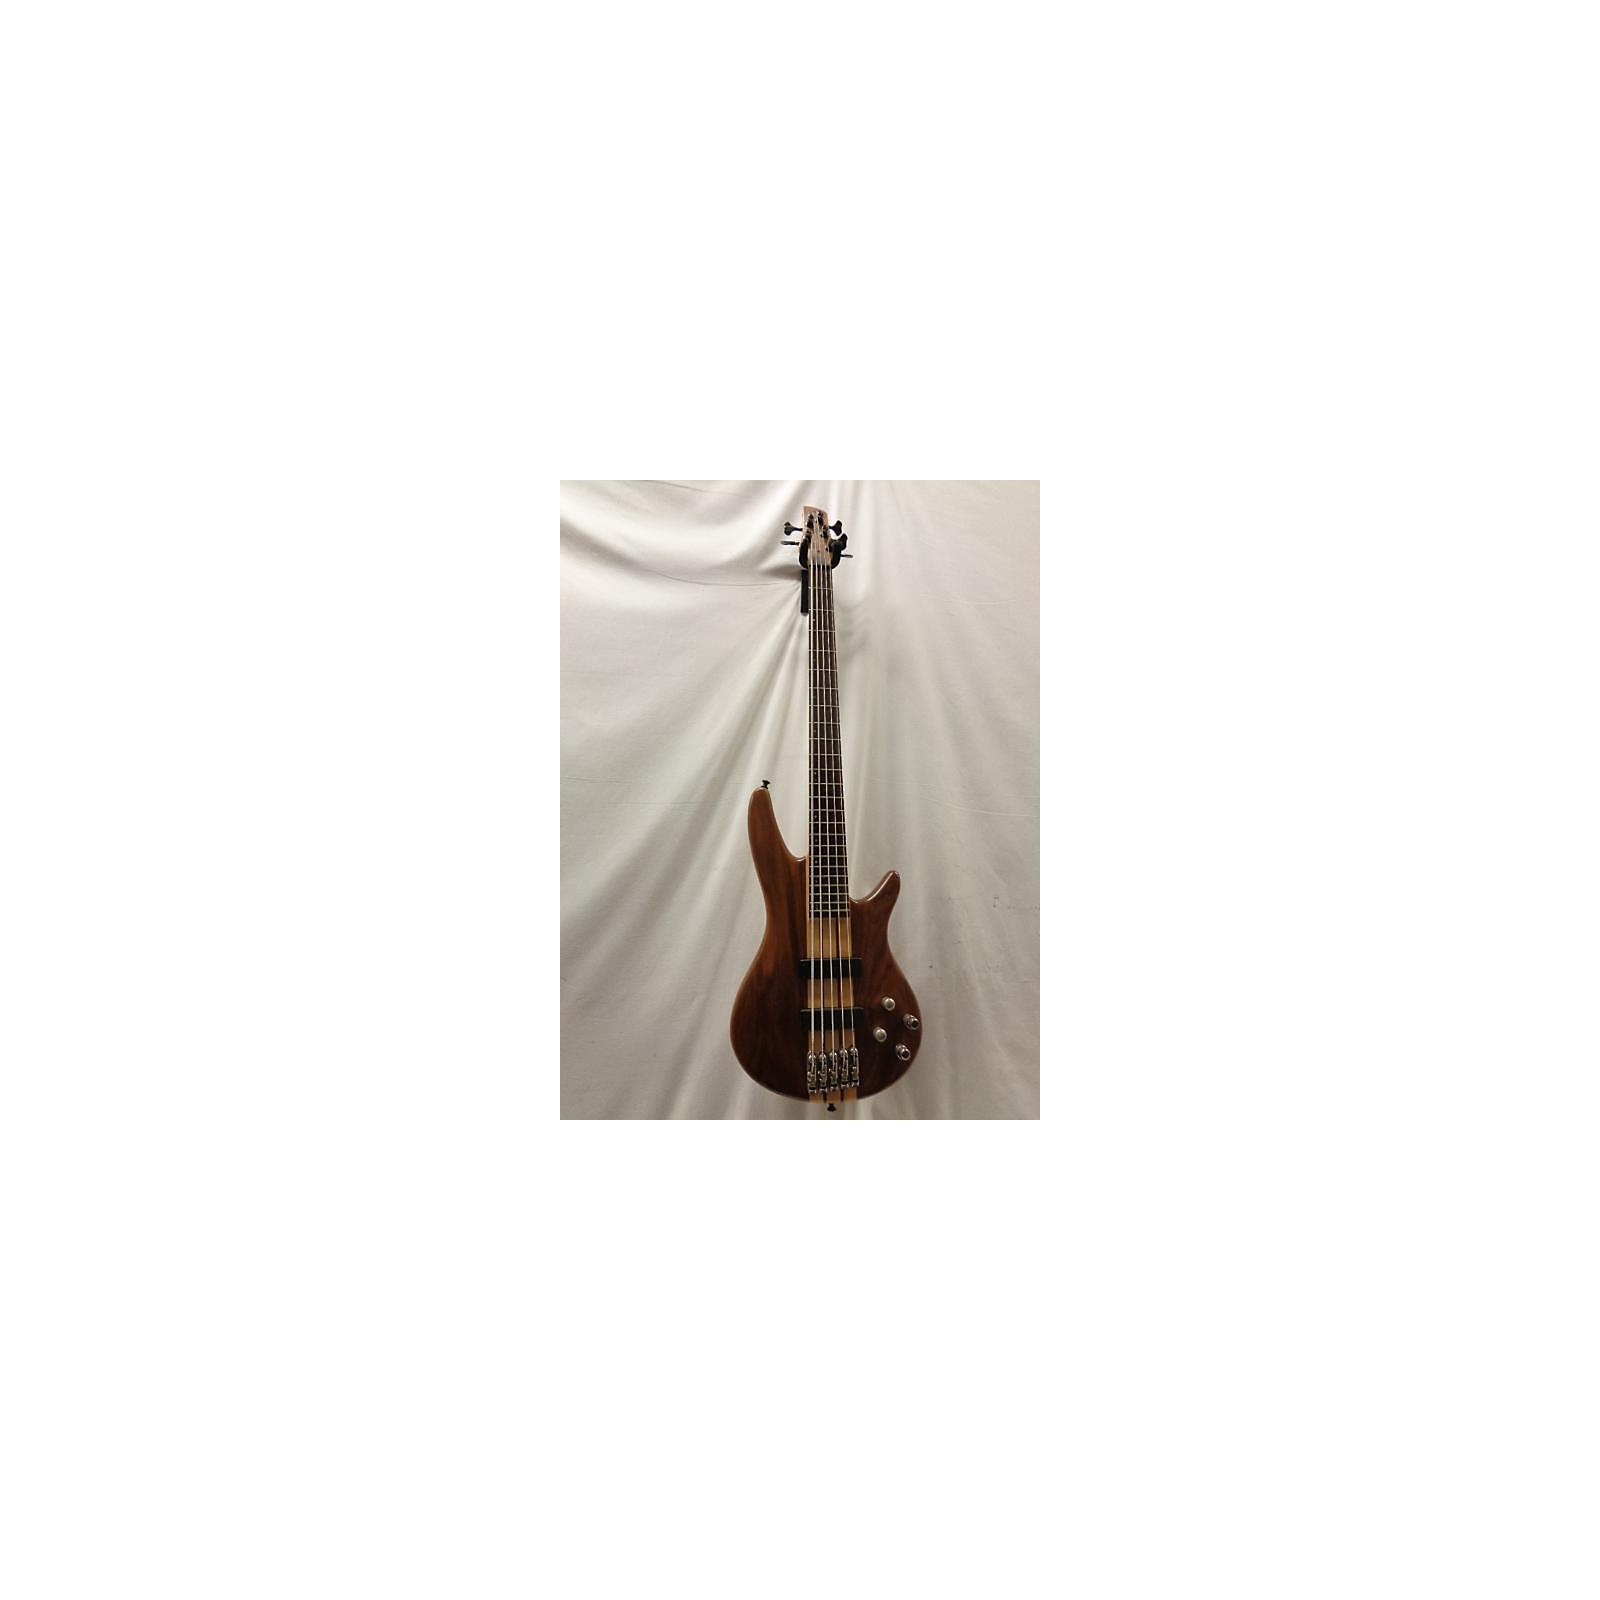 Ibanez SR1005 EWN Electric Bass Guitar